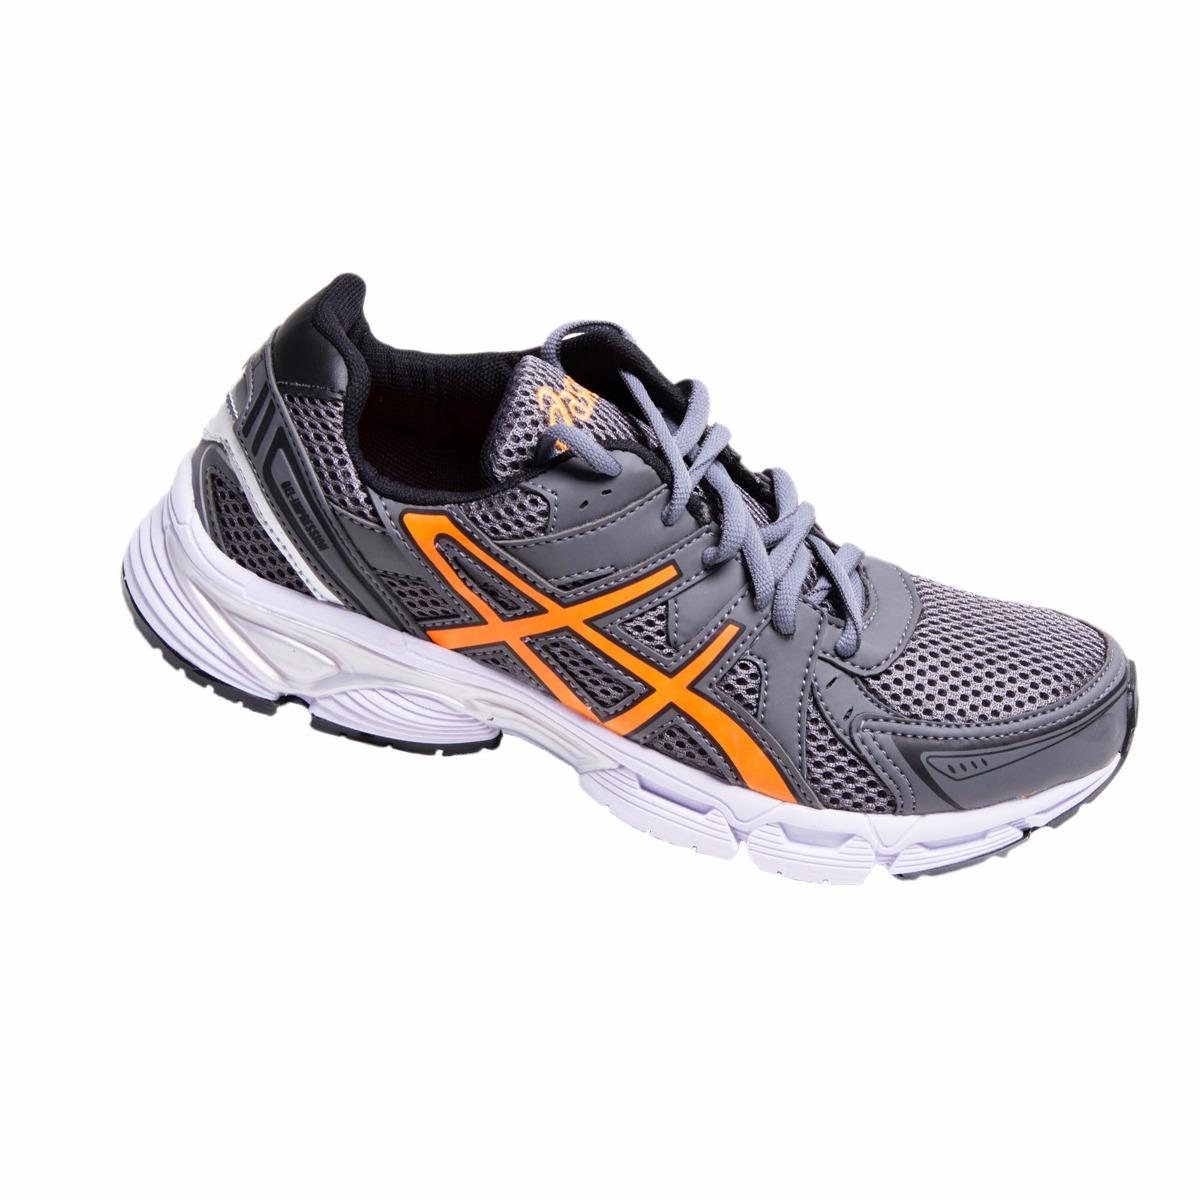 tênis asics gel impression caminhada confortável academia. Carregando zoom. 6403351630acb